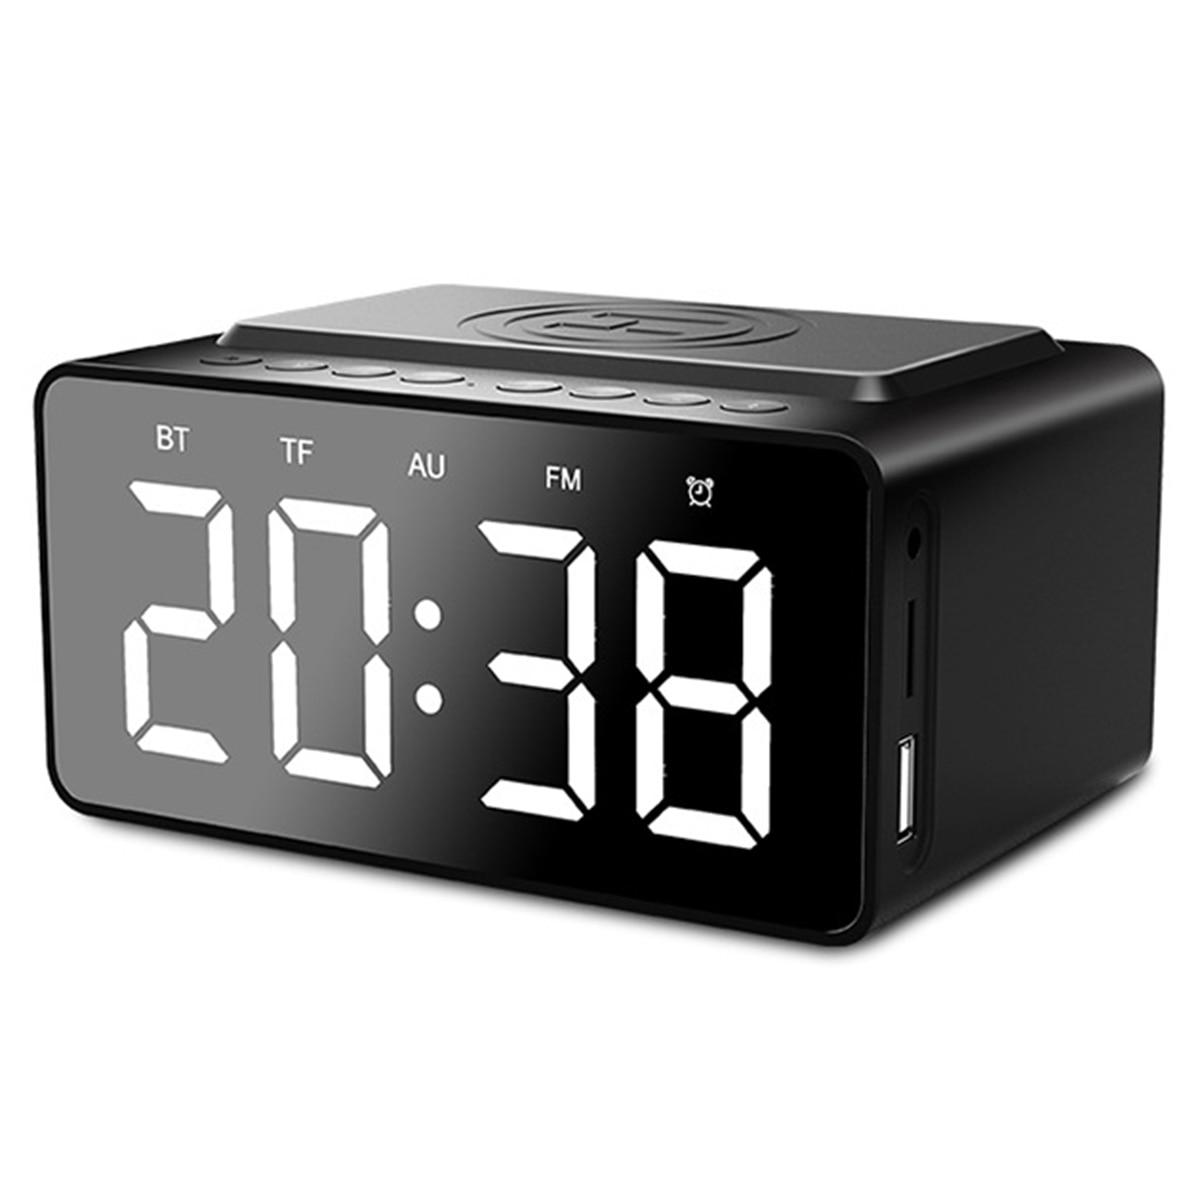 Altavoz 3 en 1 inalámbrico BT, reloj despertador Dual Digital con modo de repetición, soporta carga inalámbrica QI con Cable de Audio de 3,5mm de carga